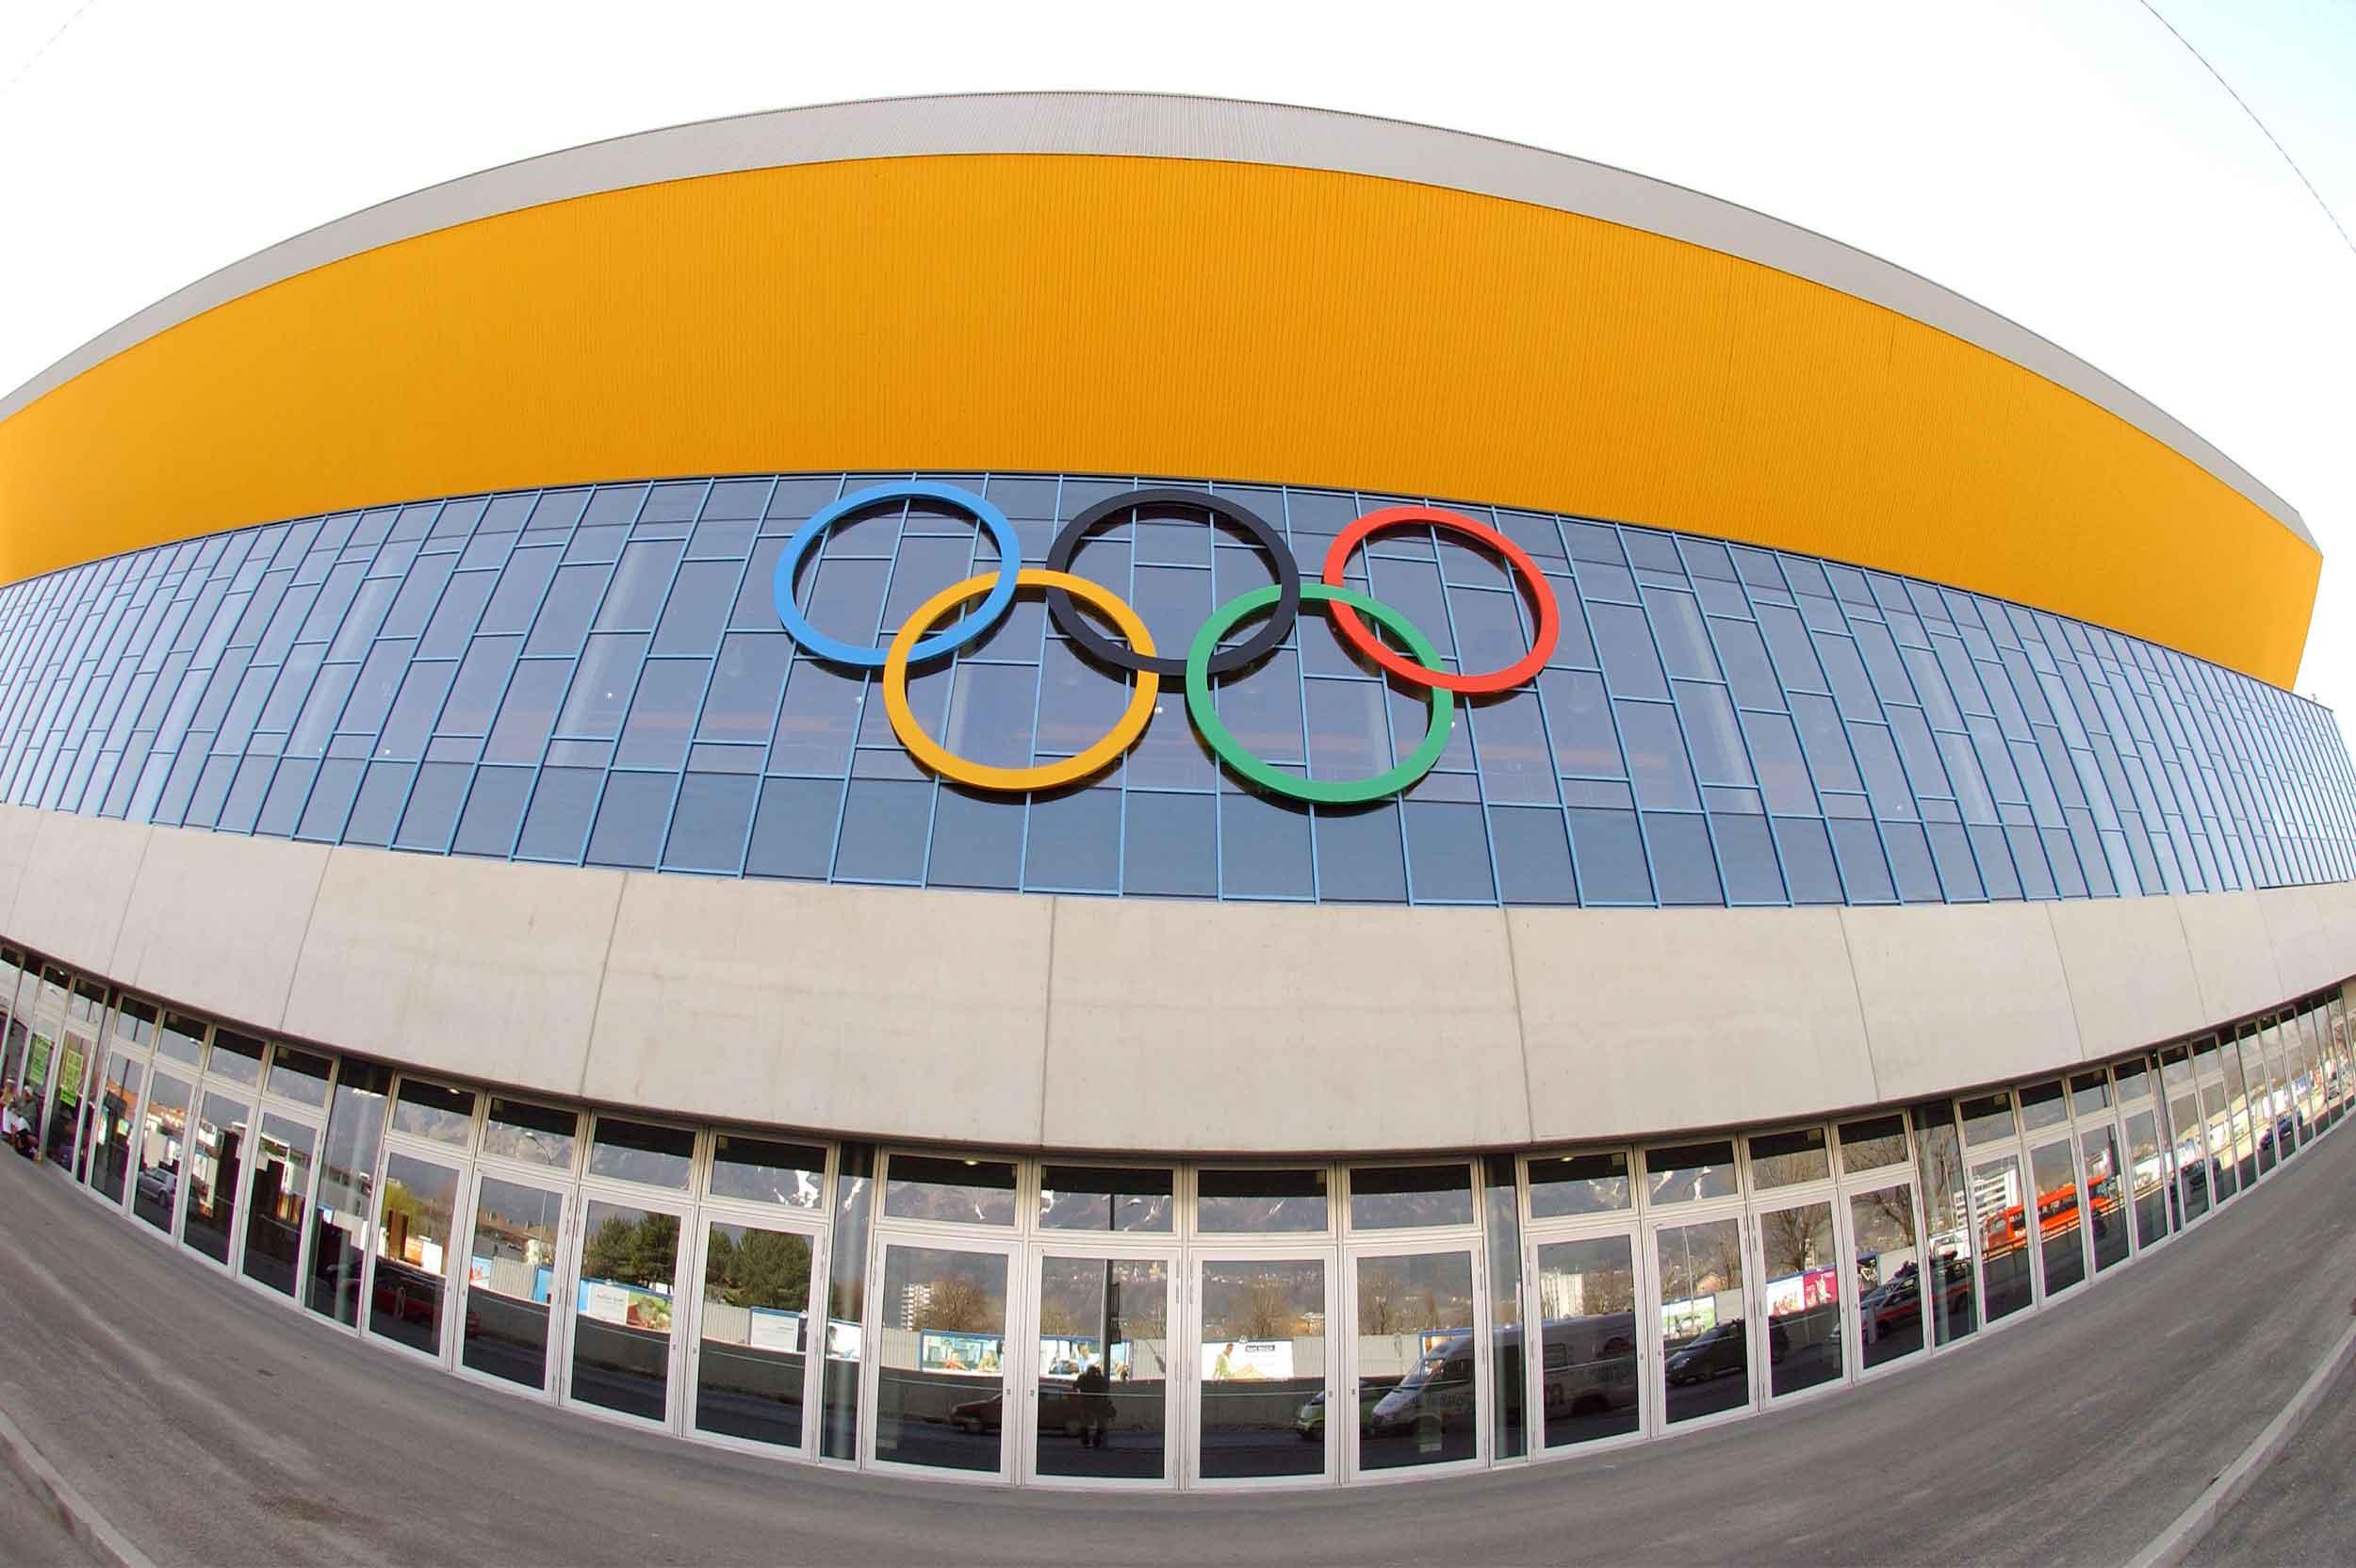 Olympiaworld